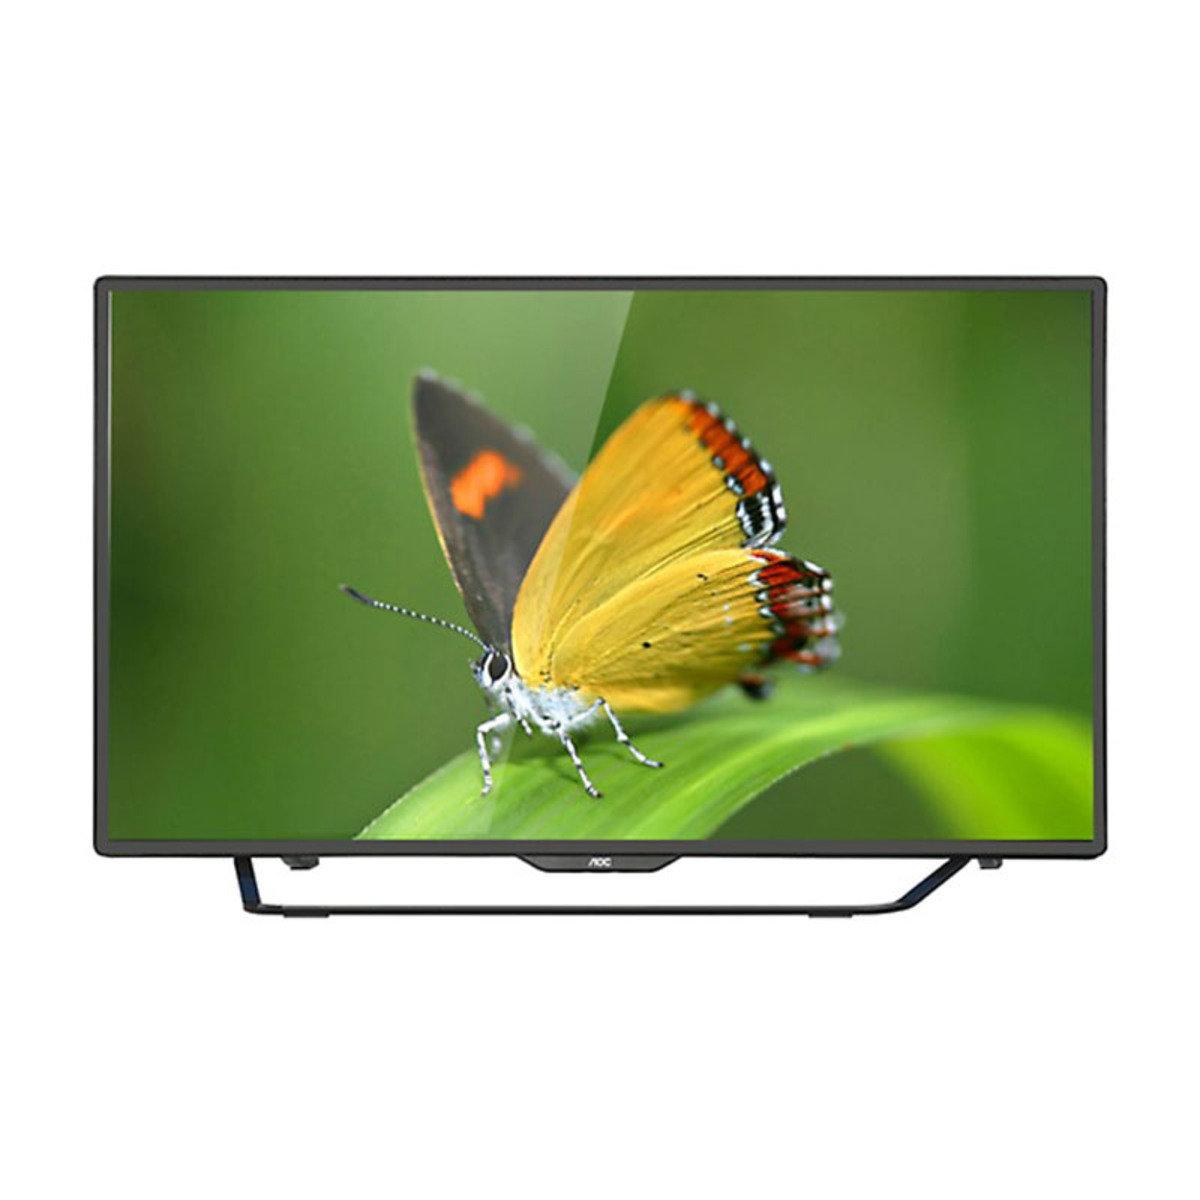 40吋 全高清LED背光 iDTV 電視機 T40DW100